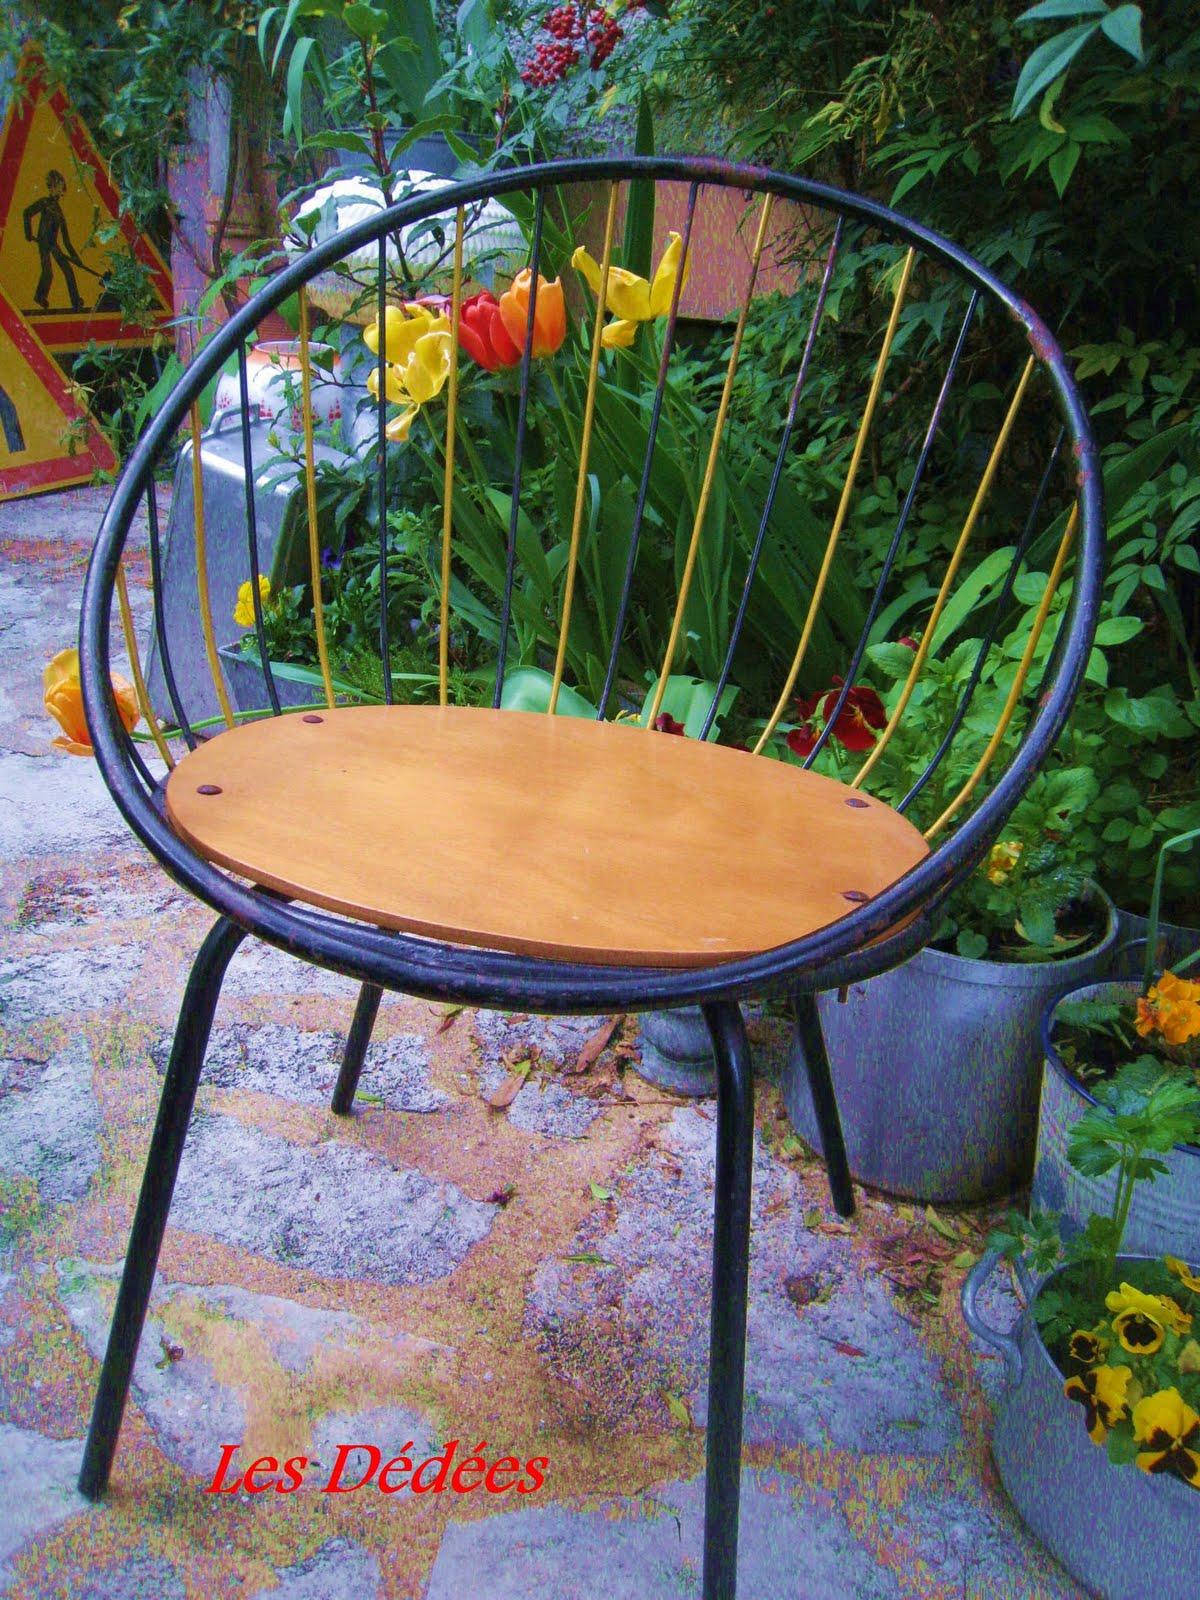 les dedees vintage recup creations fauteuil rayon de soleil 50 39 s 60 39 s by anne. Black Bedroom Furniture Sets. Home Design Ideas